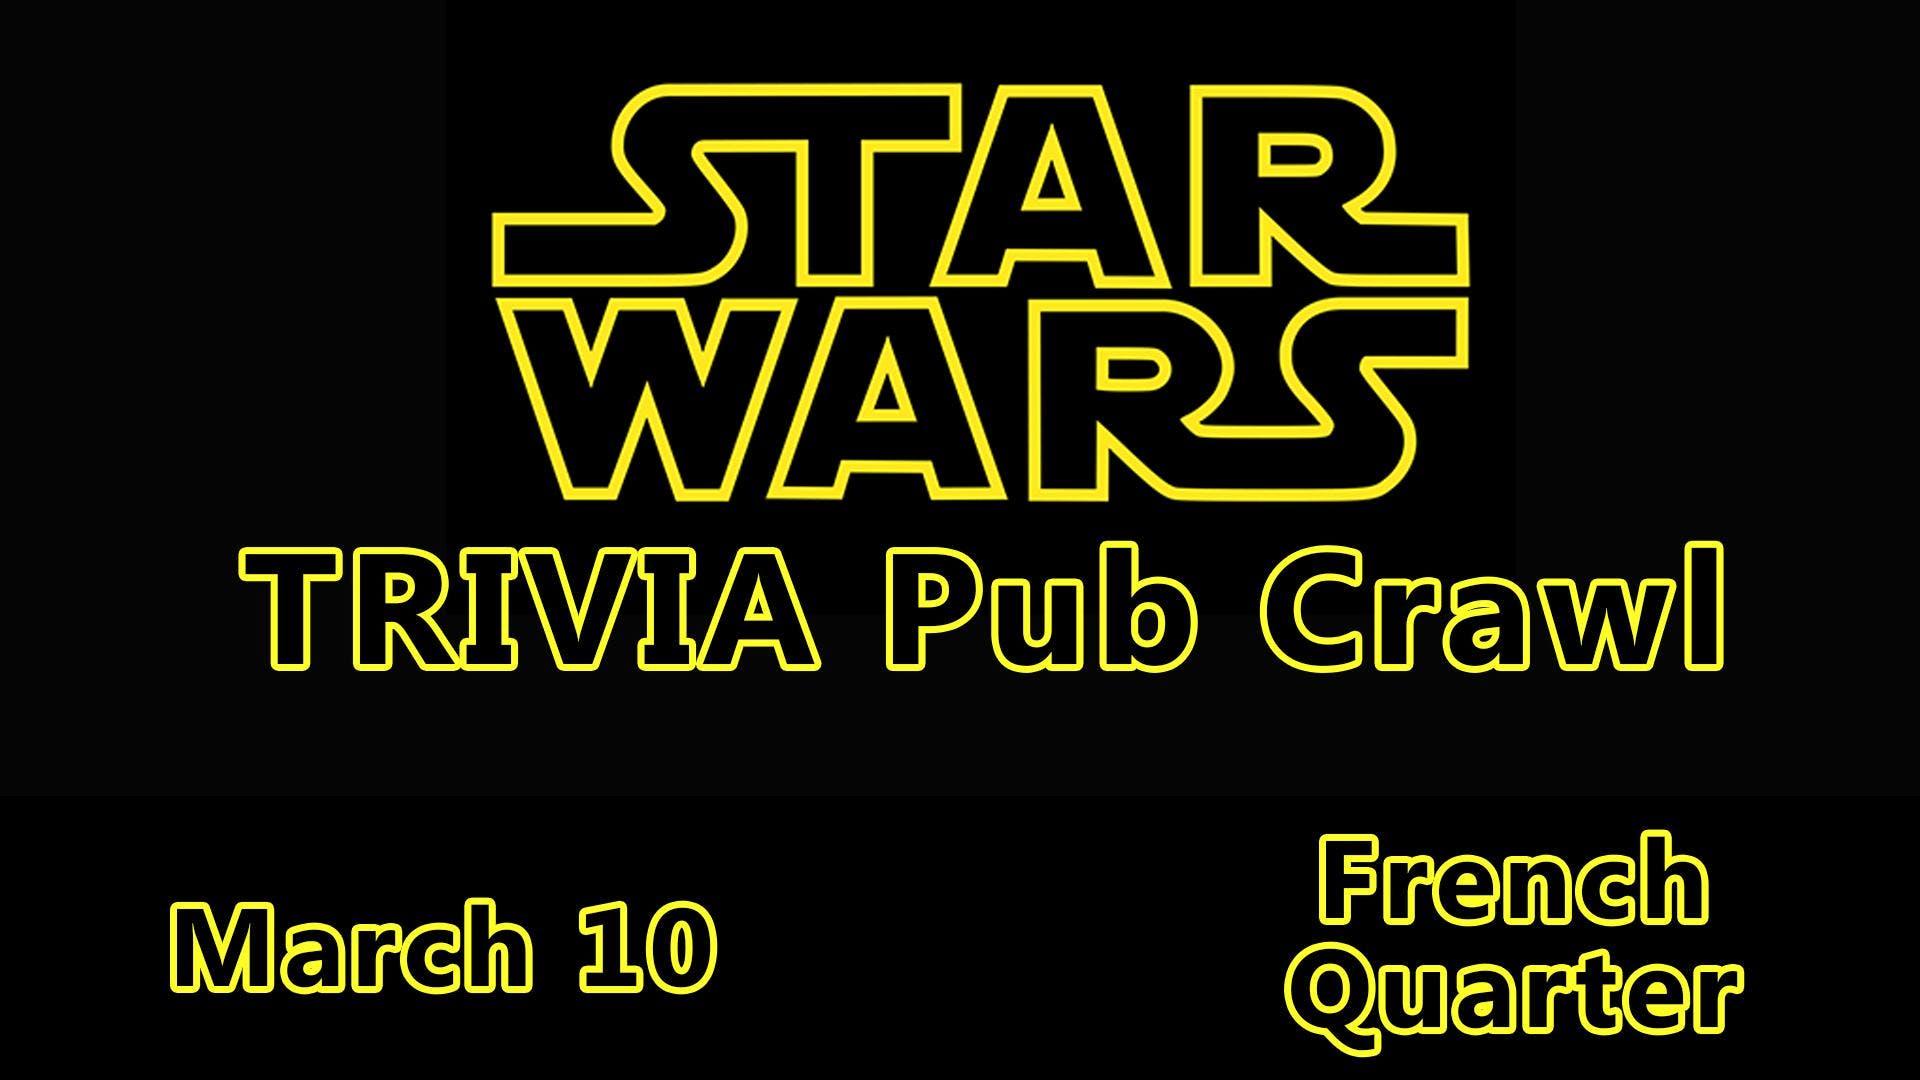 Star Wars Trivia Pub Crawl, New Orleans LA - Mar 10, 2019 - 8:00 PM